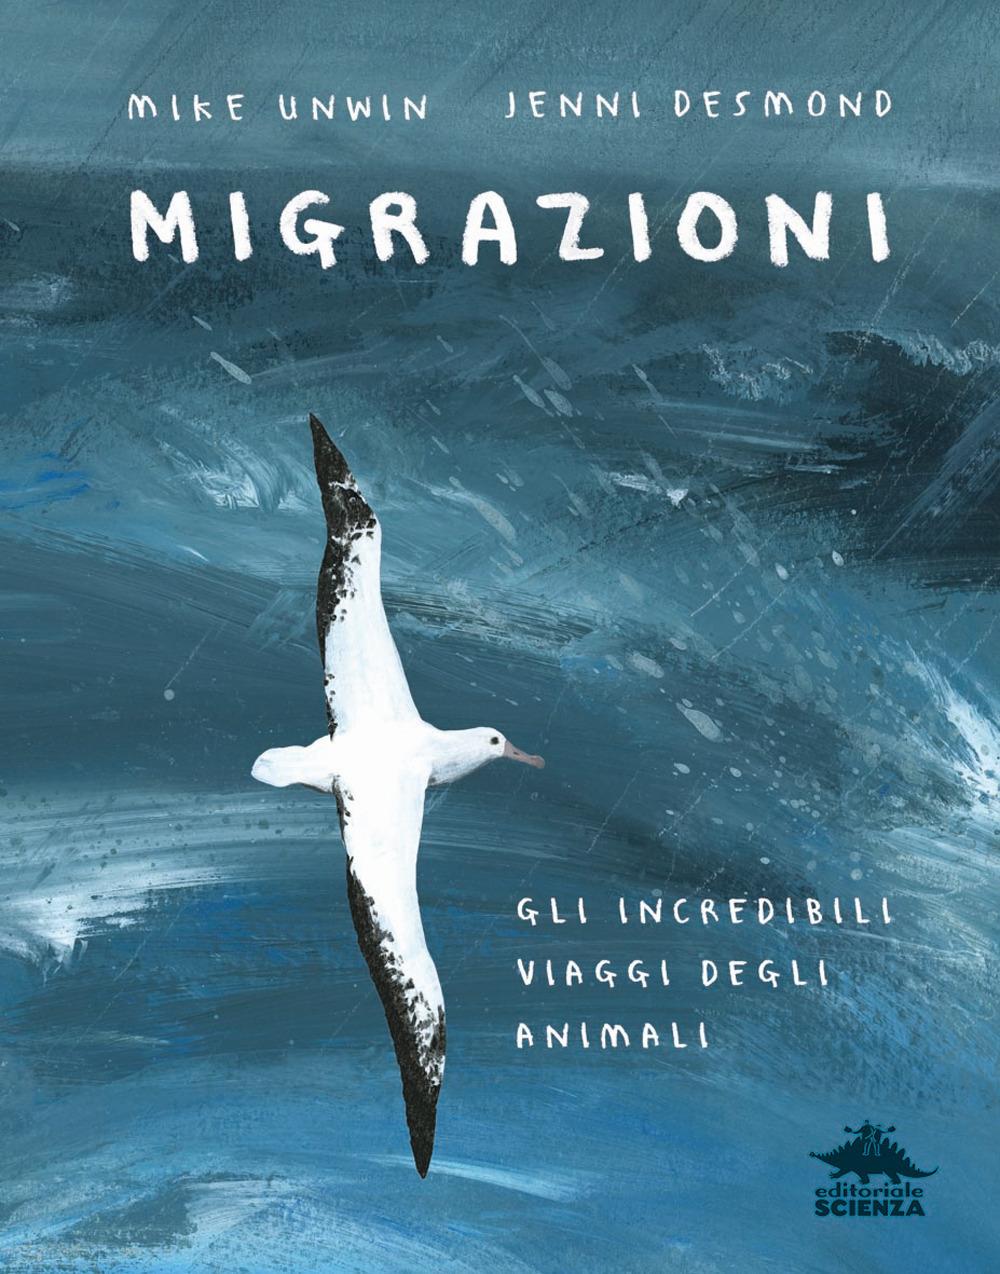 Migrazioni. Gli incredibili viaggi degli animali